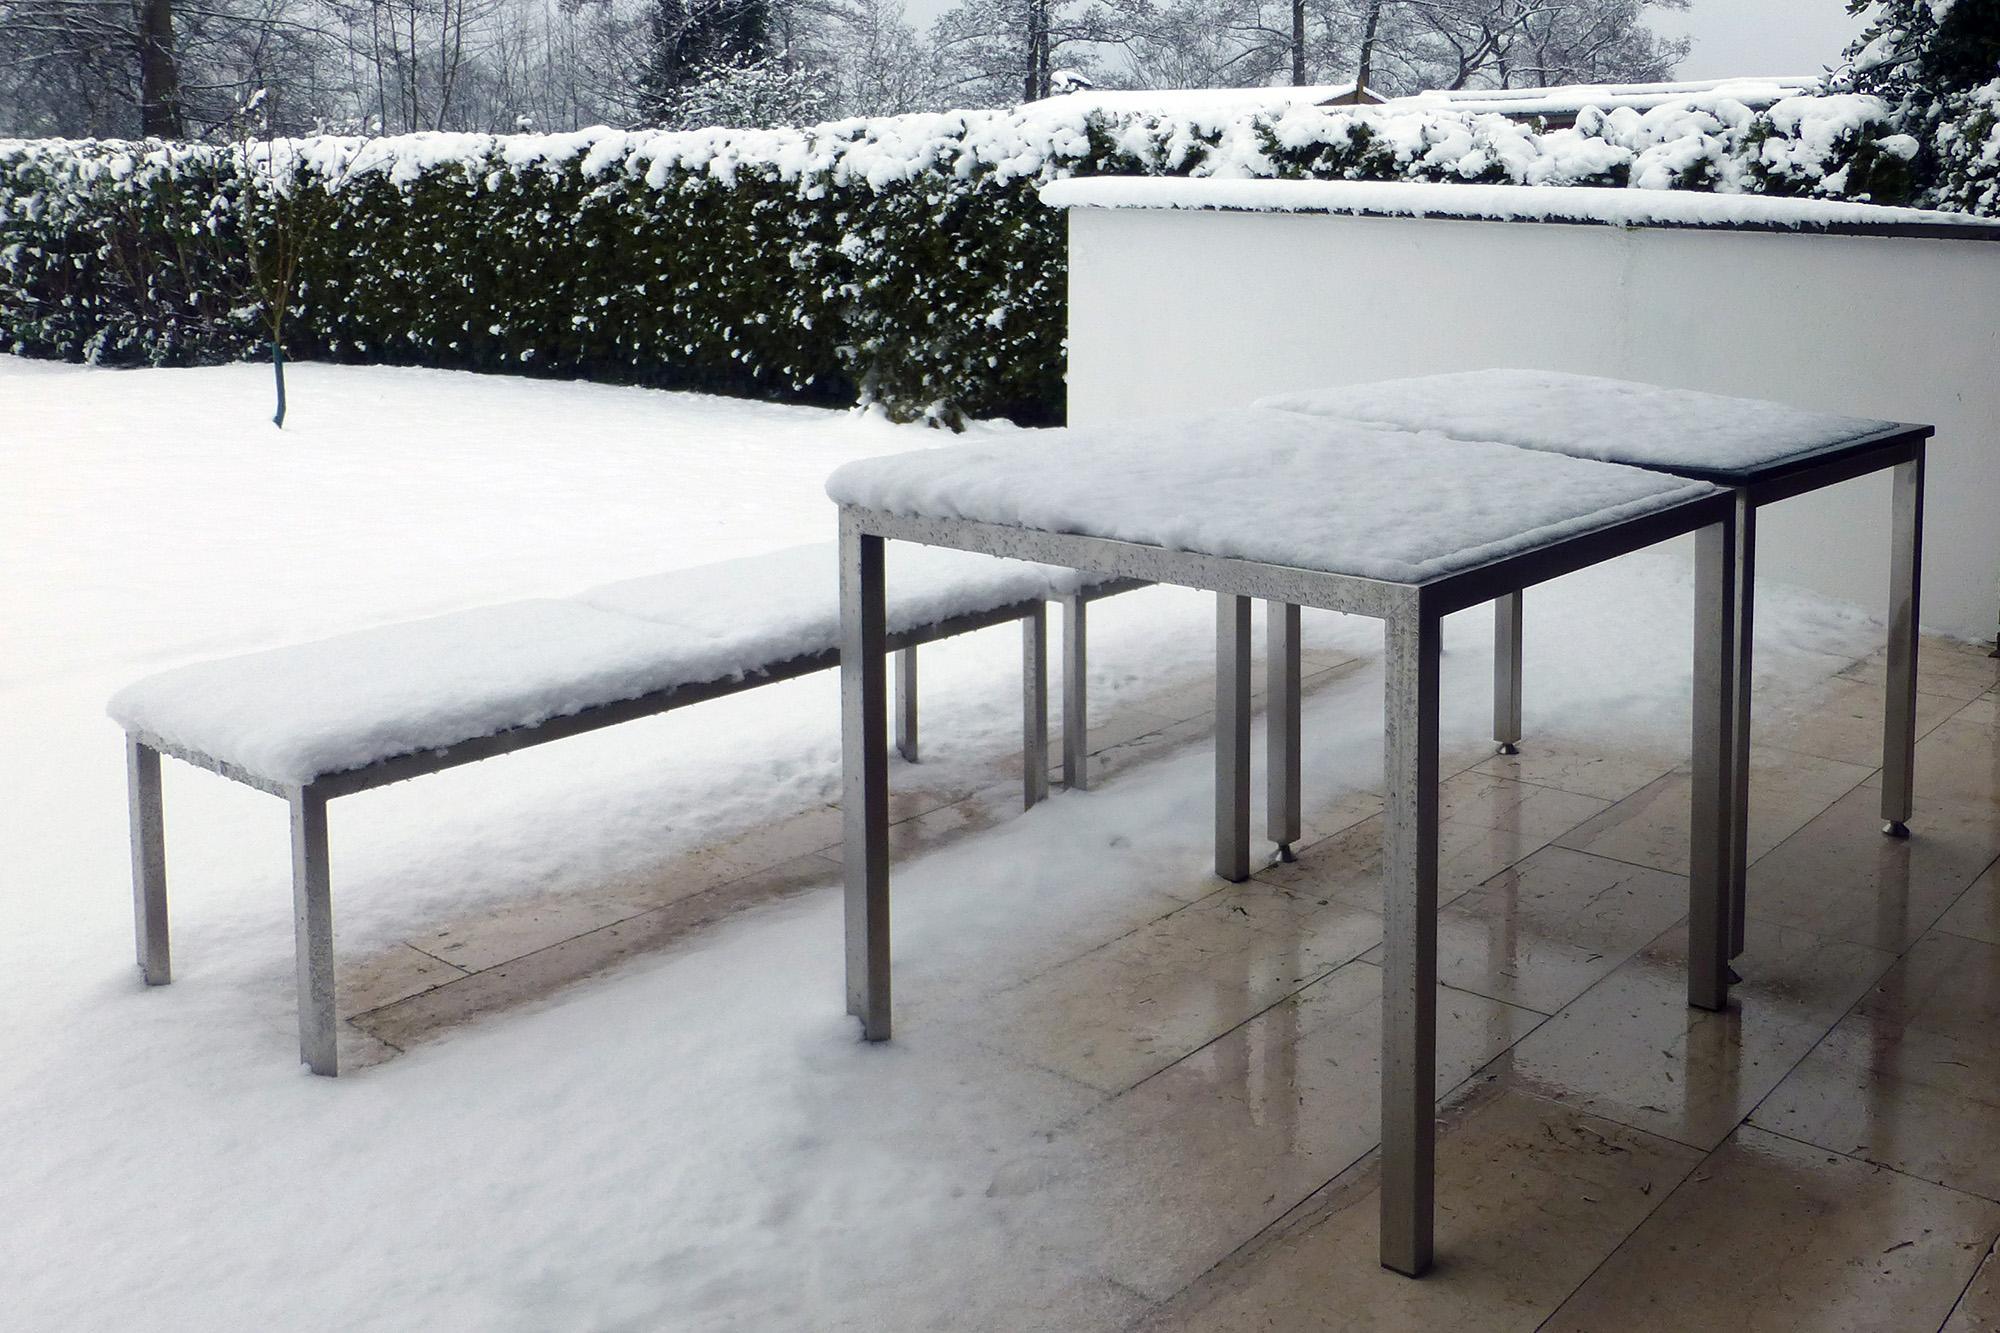 outdoor m bel hammerdesign aus edelstahl mit granit oder hartholz. Black Bedroom Furniture Sets. Home Design Ideas